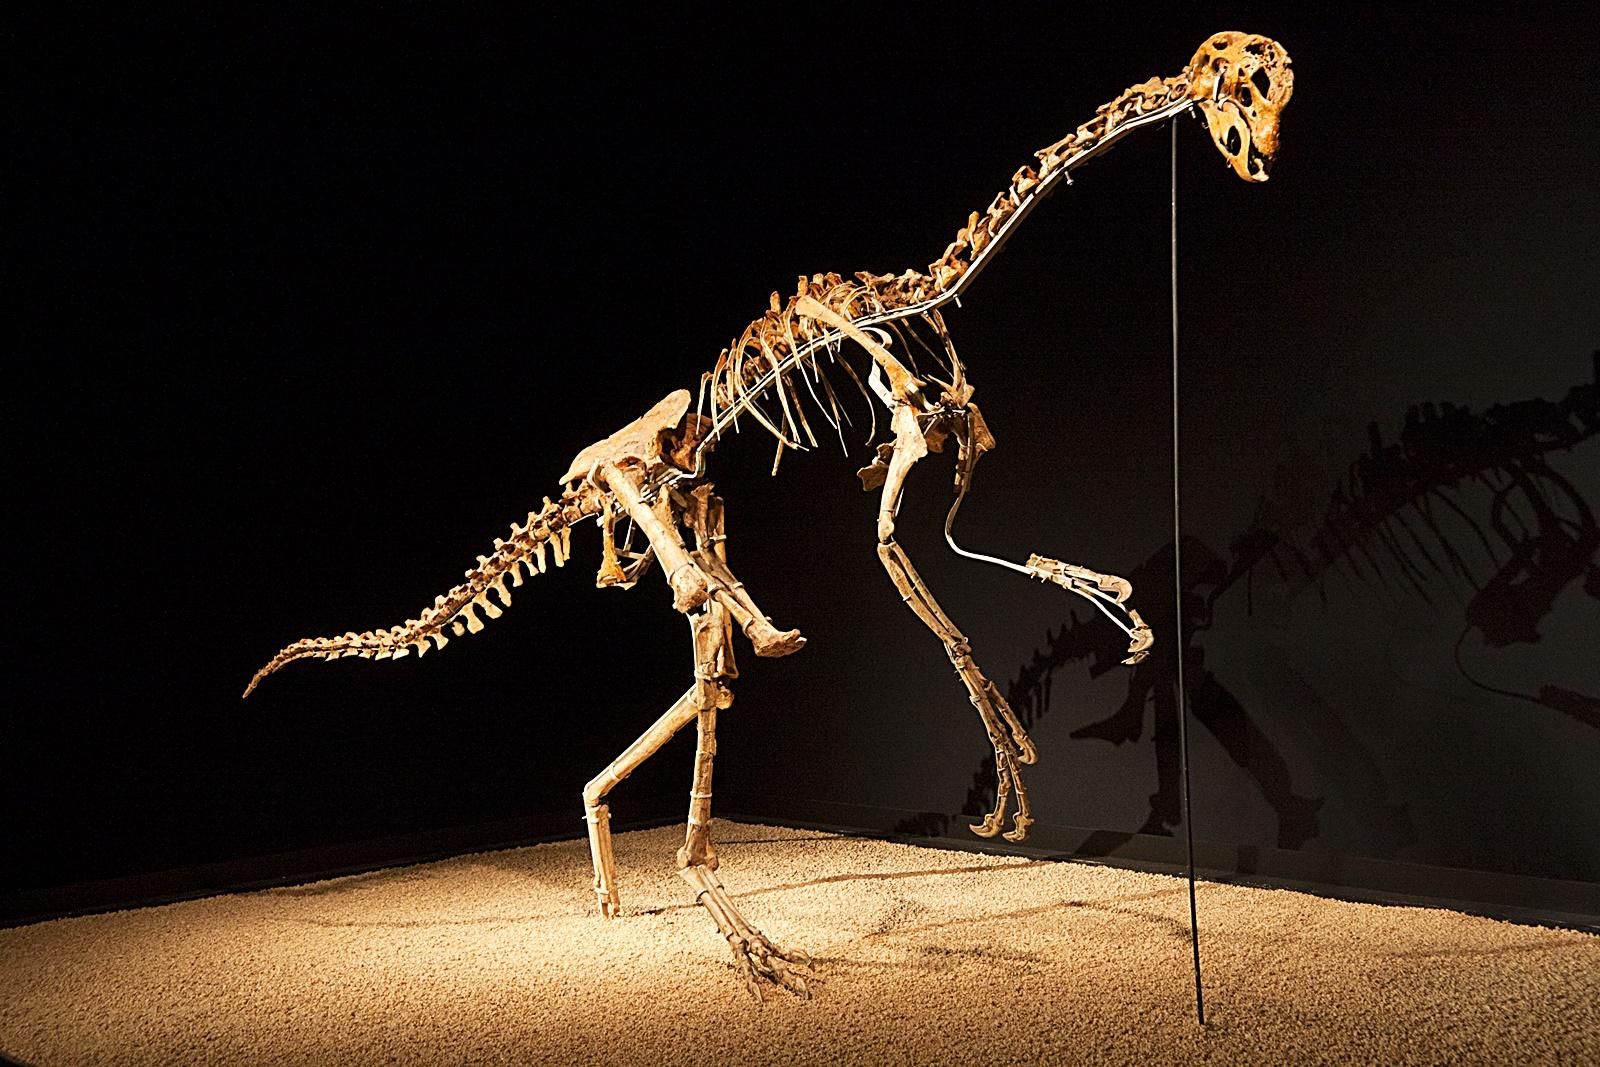 키티파피 공룡 뼈 화석